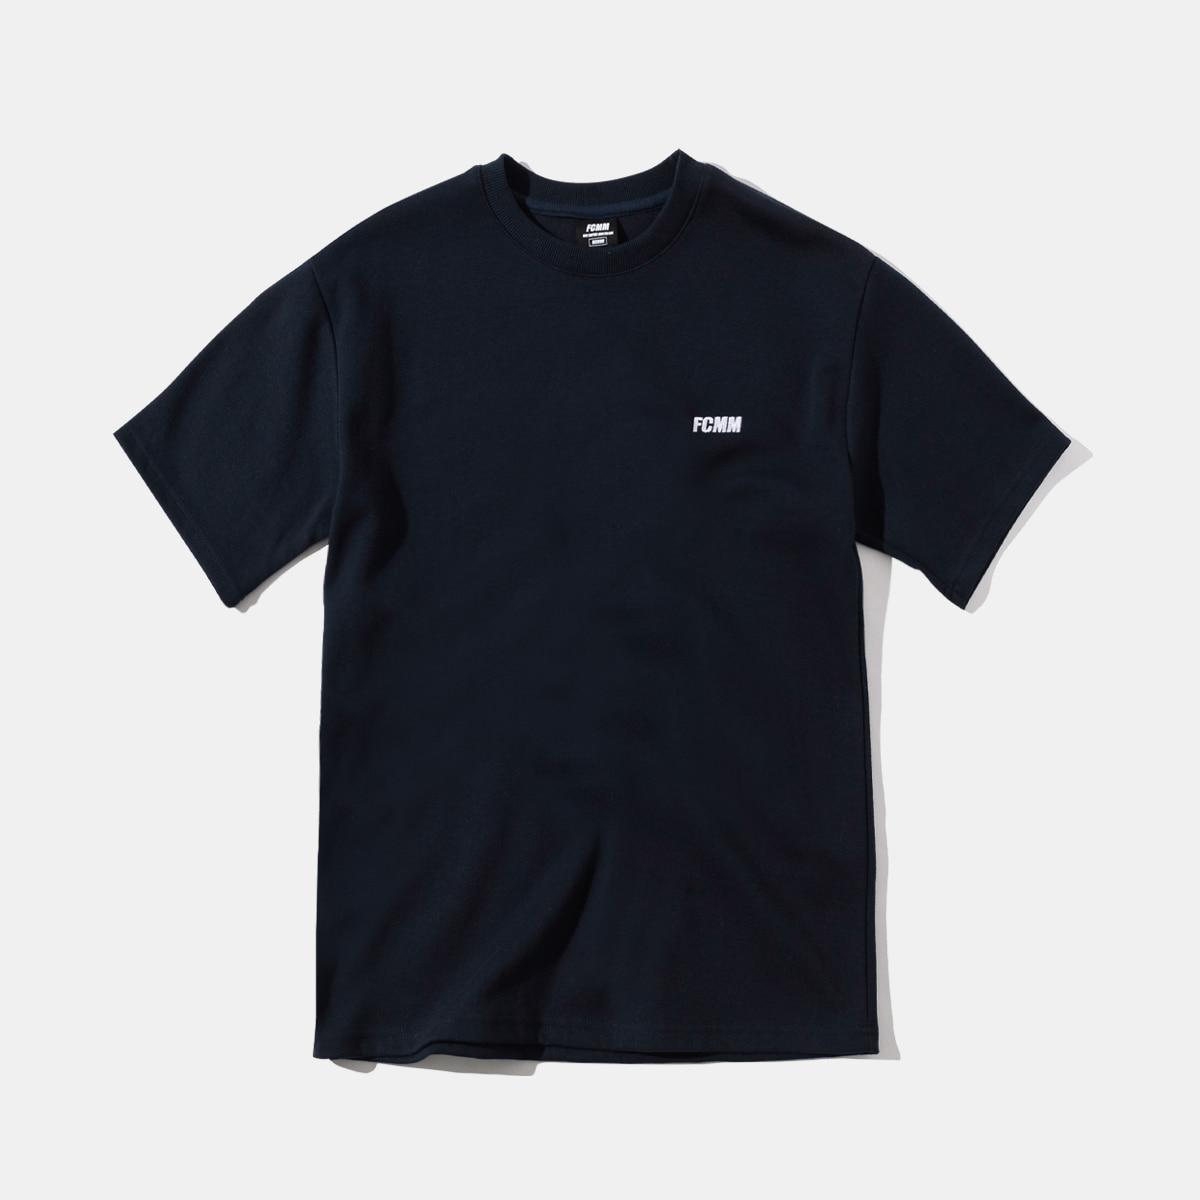 클럽 엠브로이드 티셔츠 - 네이비